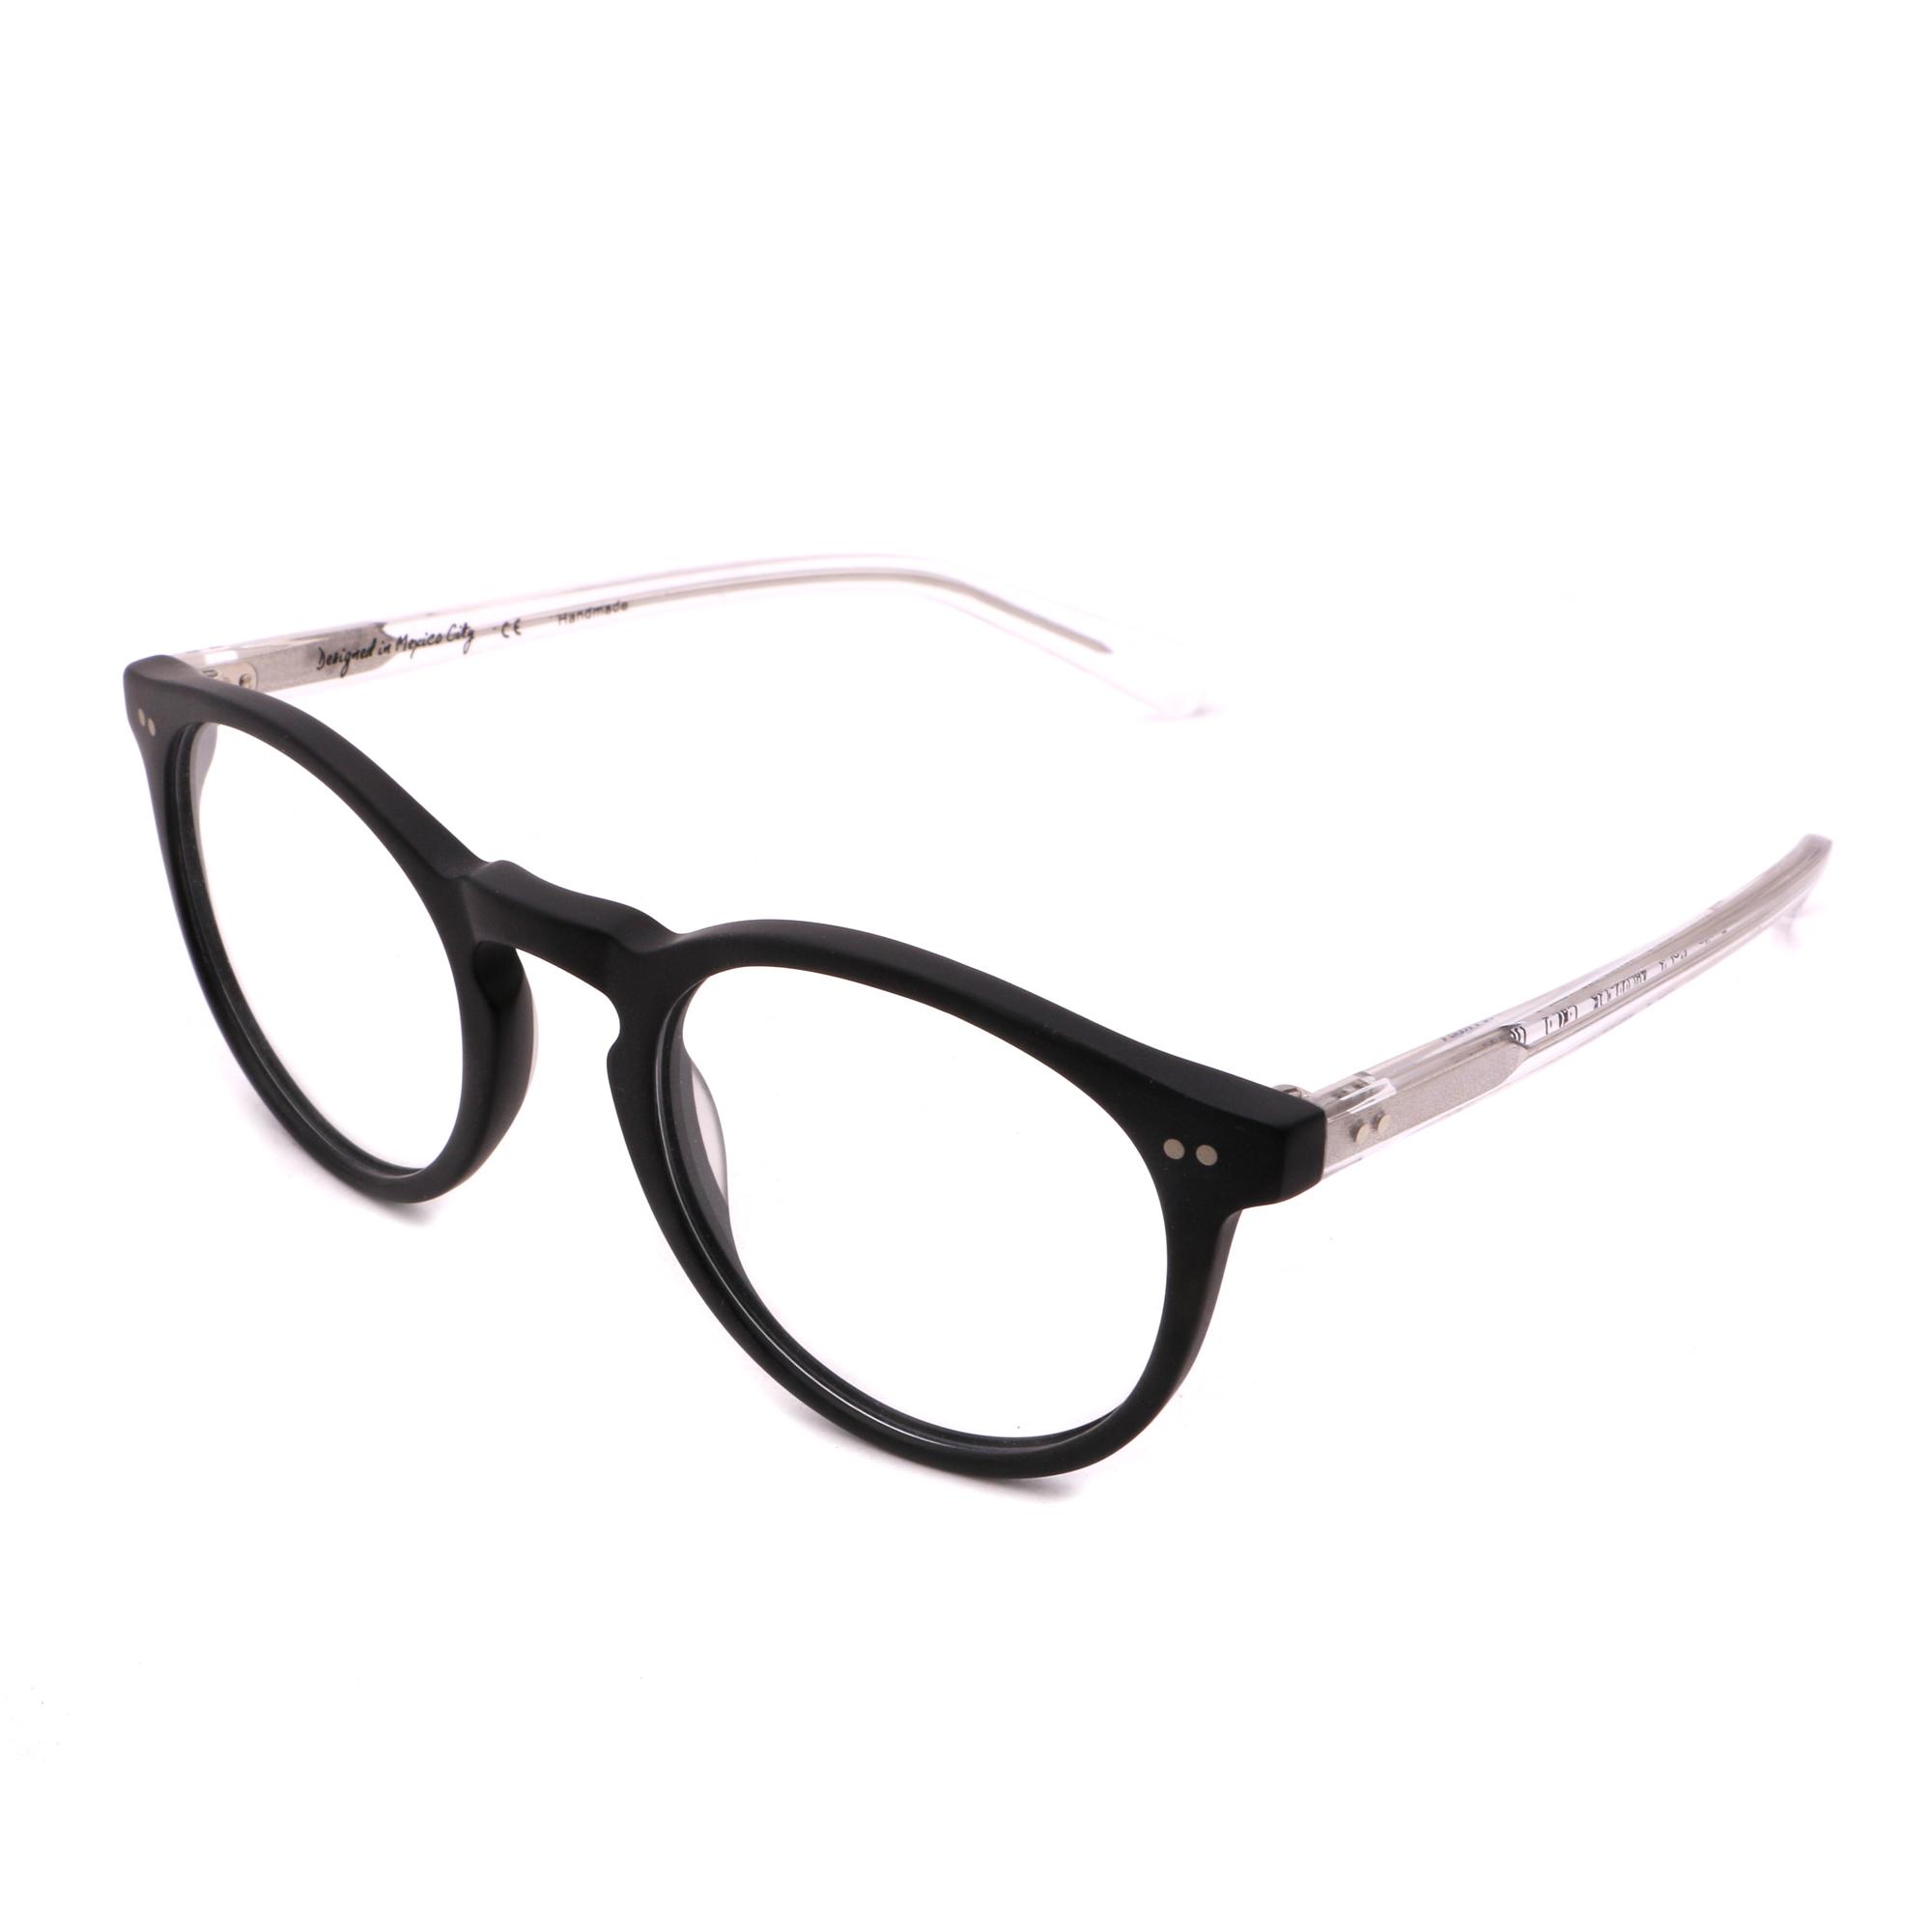 1121517195 Benito Azabache Patilla Cristal - Óptico - District Eyewear